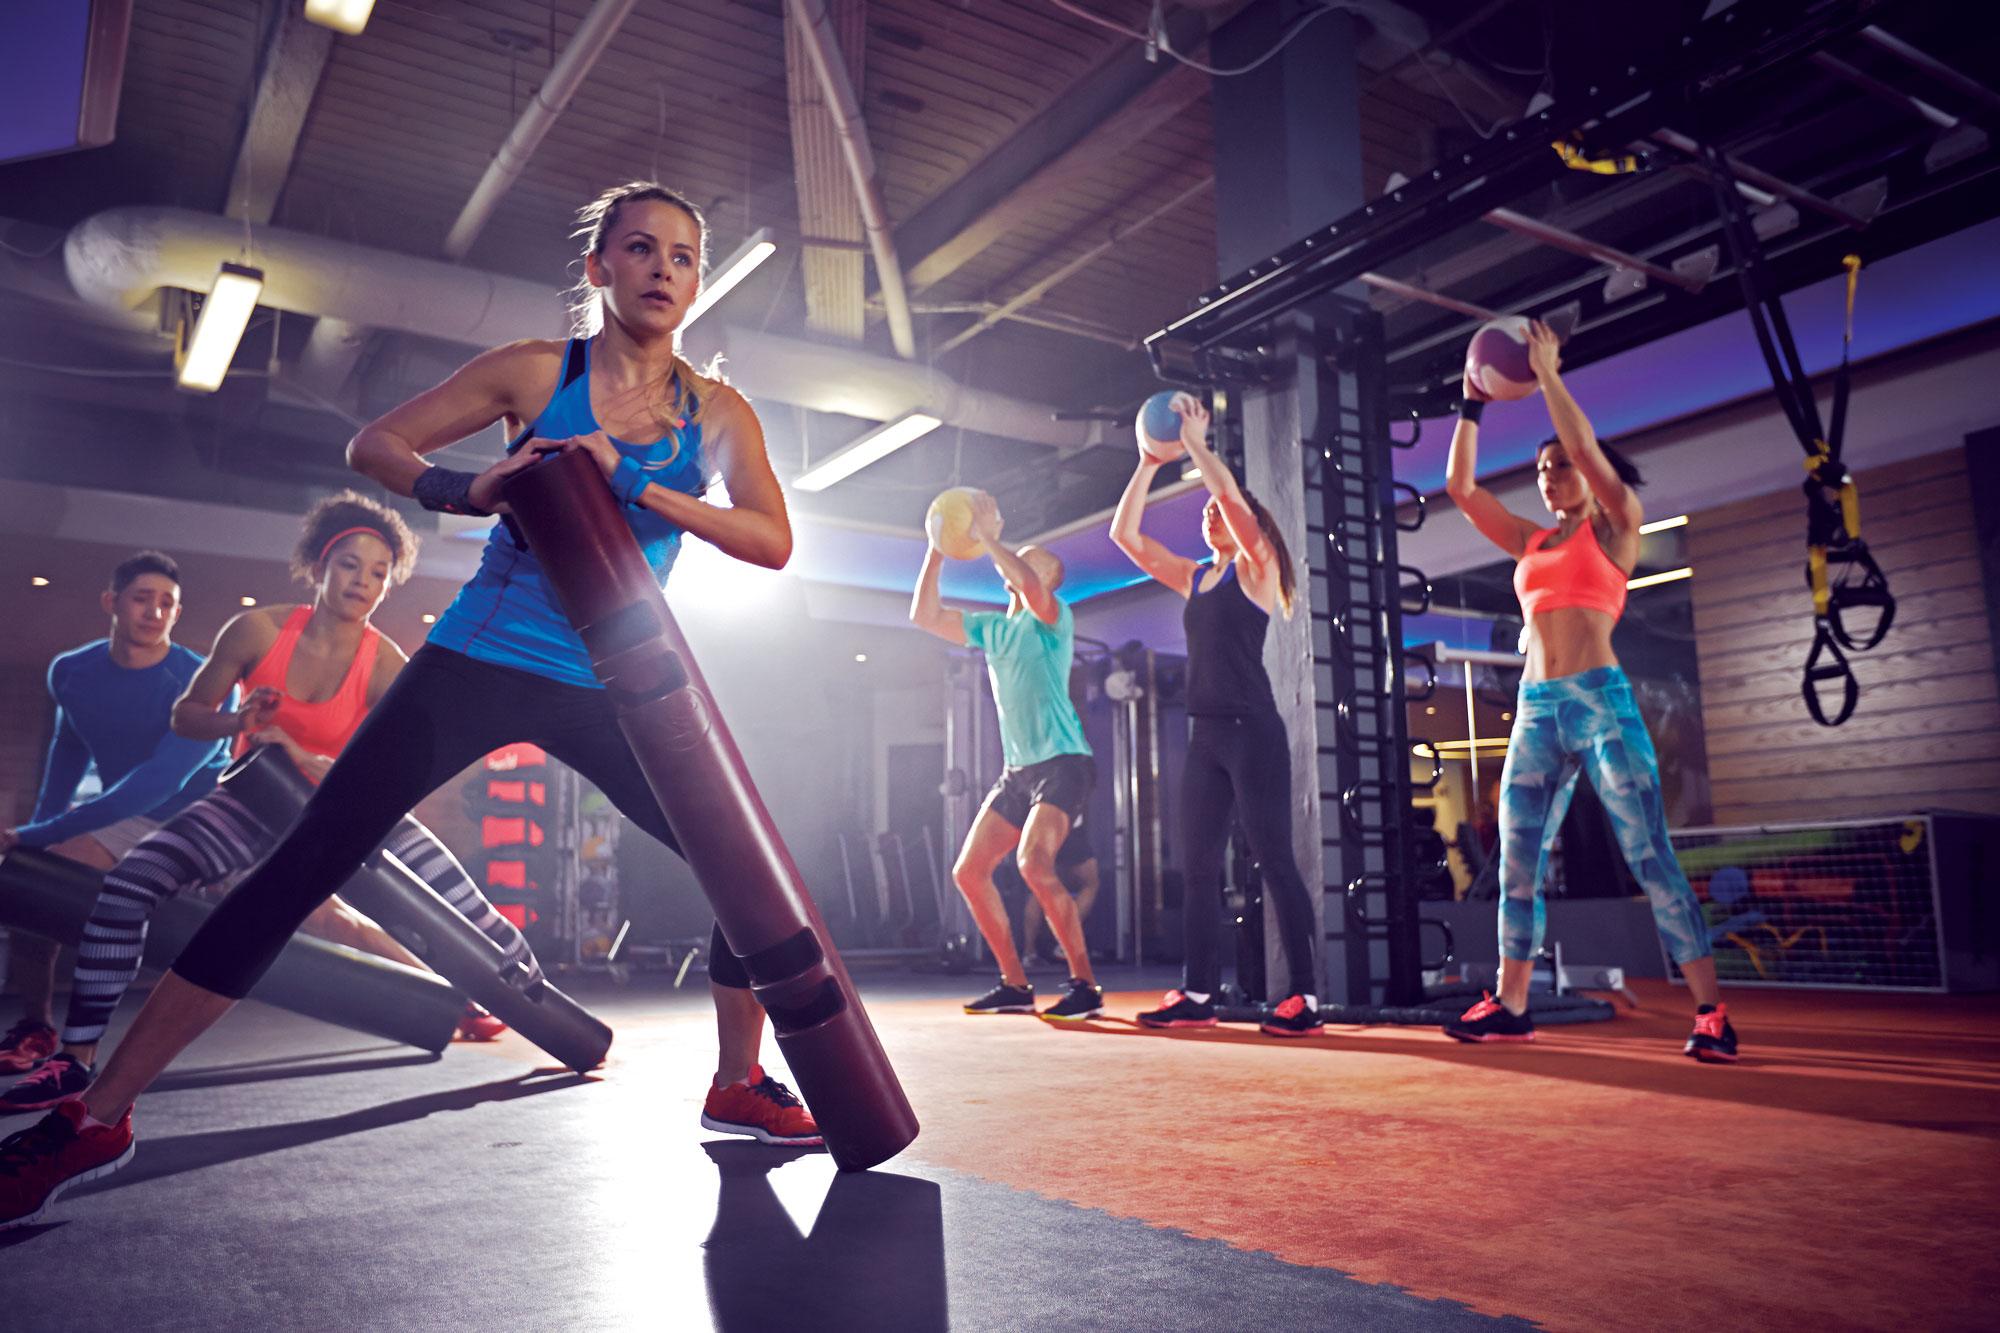 2014.04.18_FitnessFirst_HitSession-316-richer-CMYK-v2web.jpg